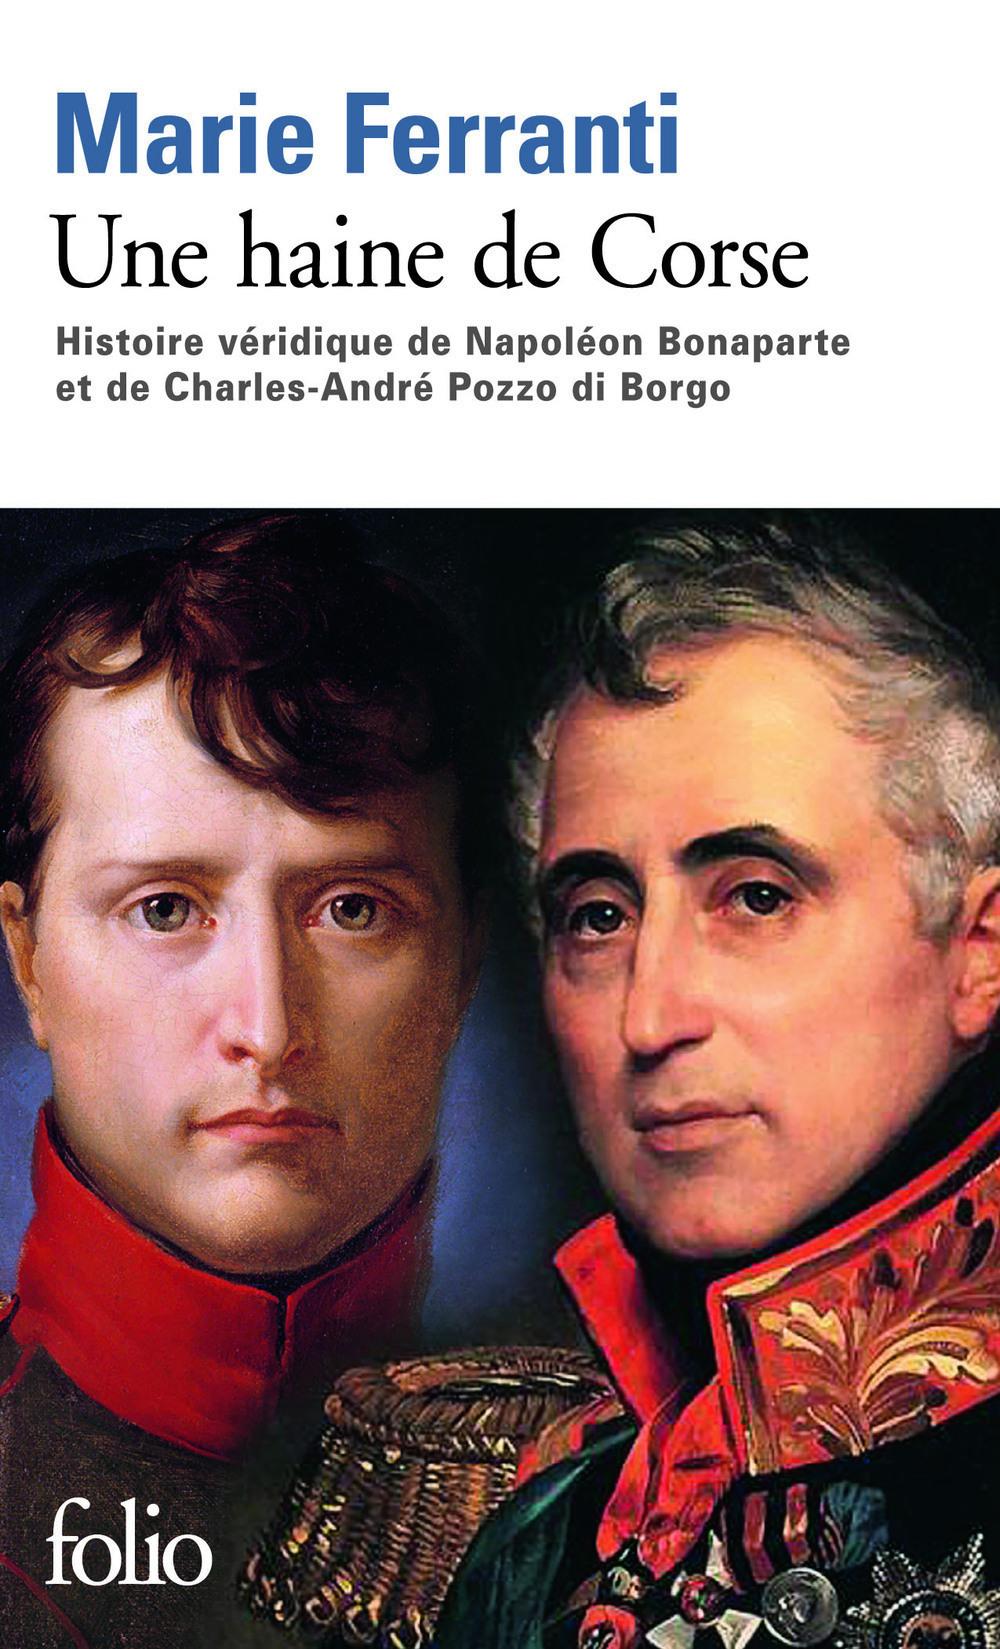 Une haine de Corse. Histoire véridique de Napoléon Bonaparte et de Charles-André Pozzo di Borgo